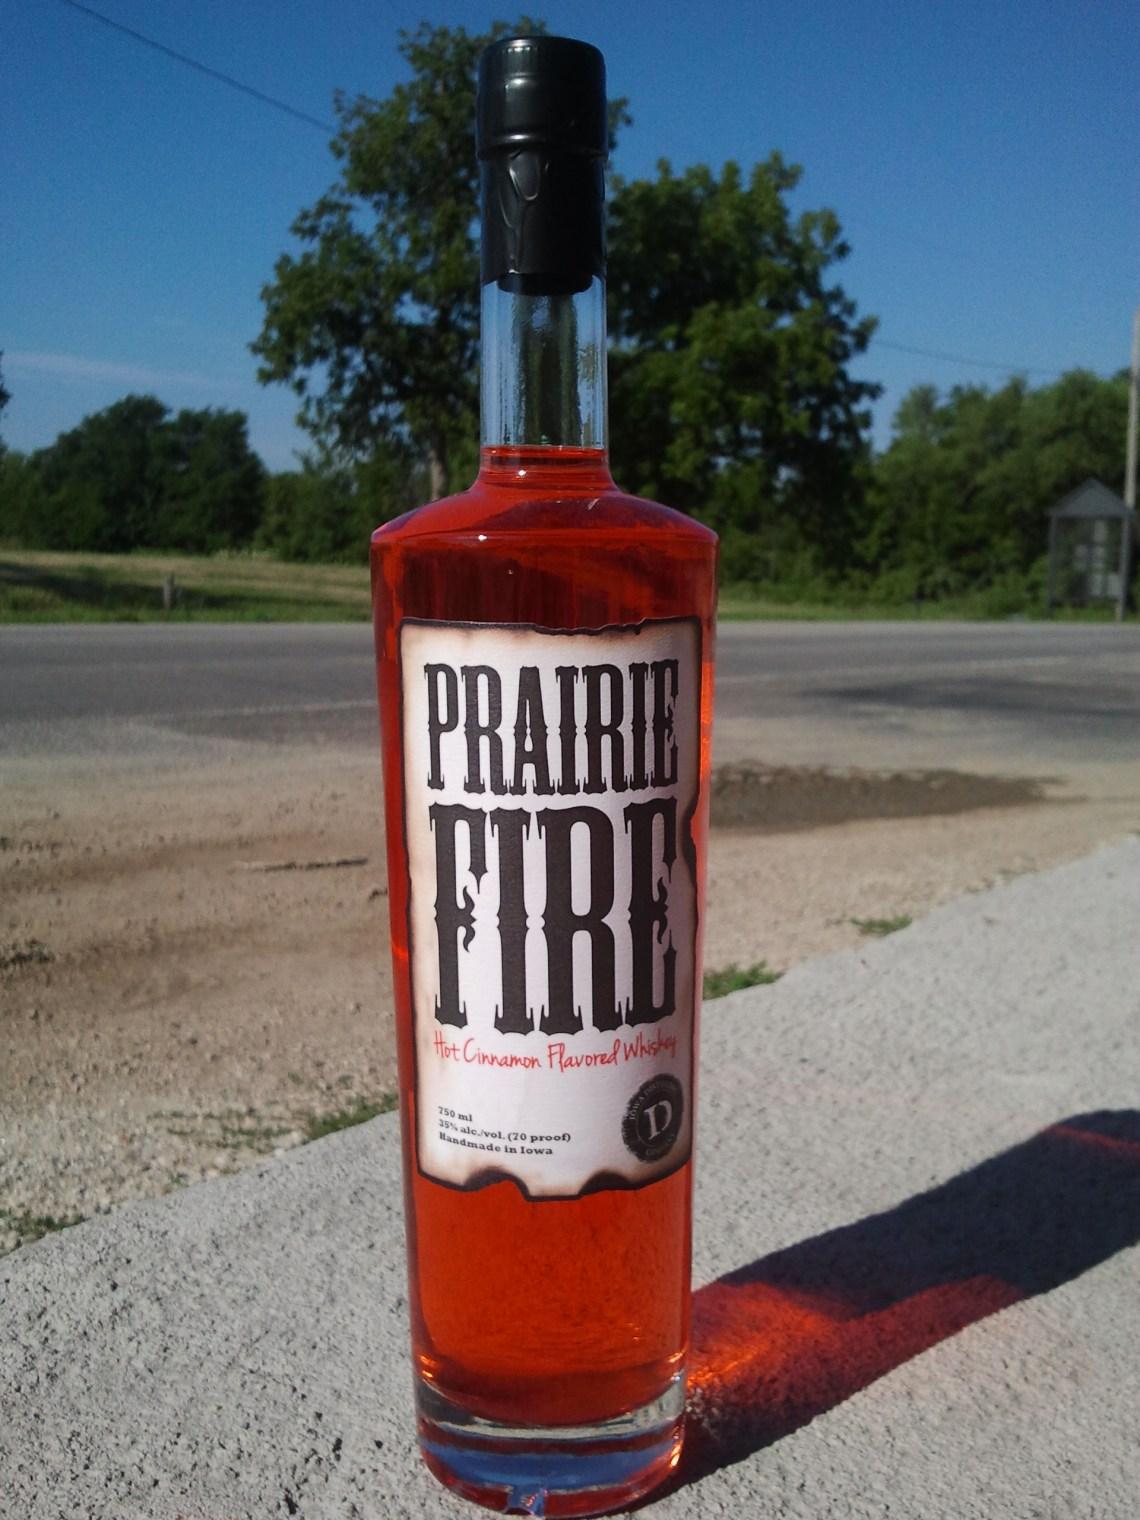 Prairie Fire Hot Cinnamon Flavored Whiskey